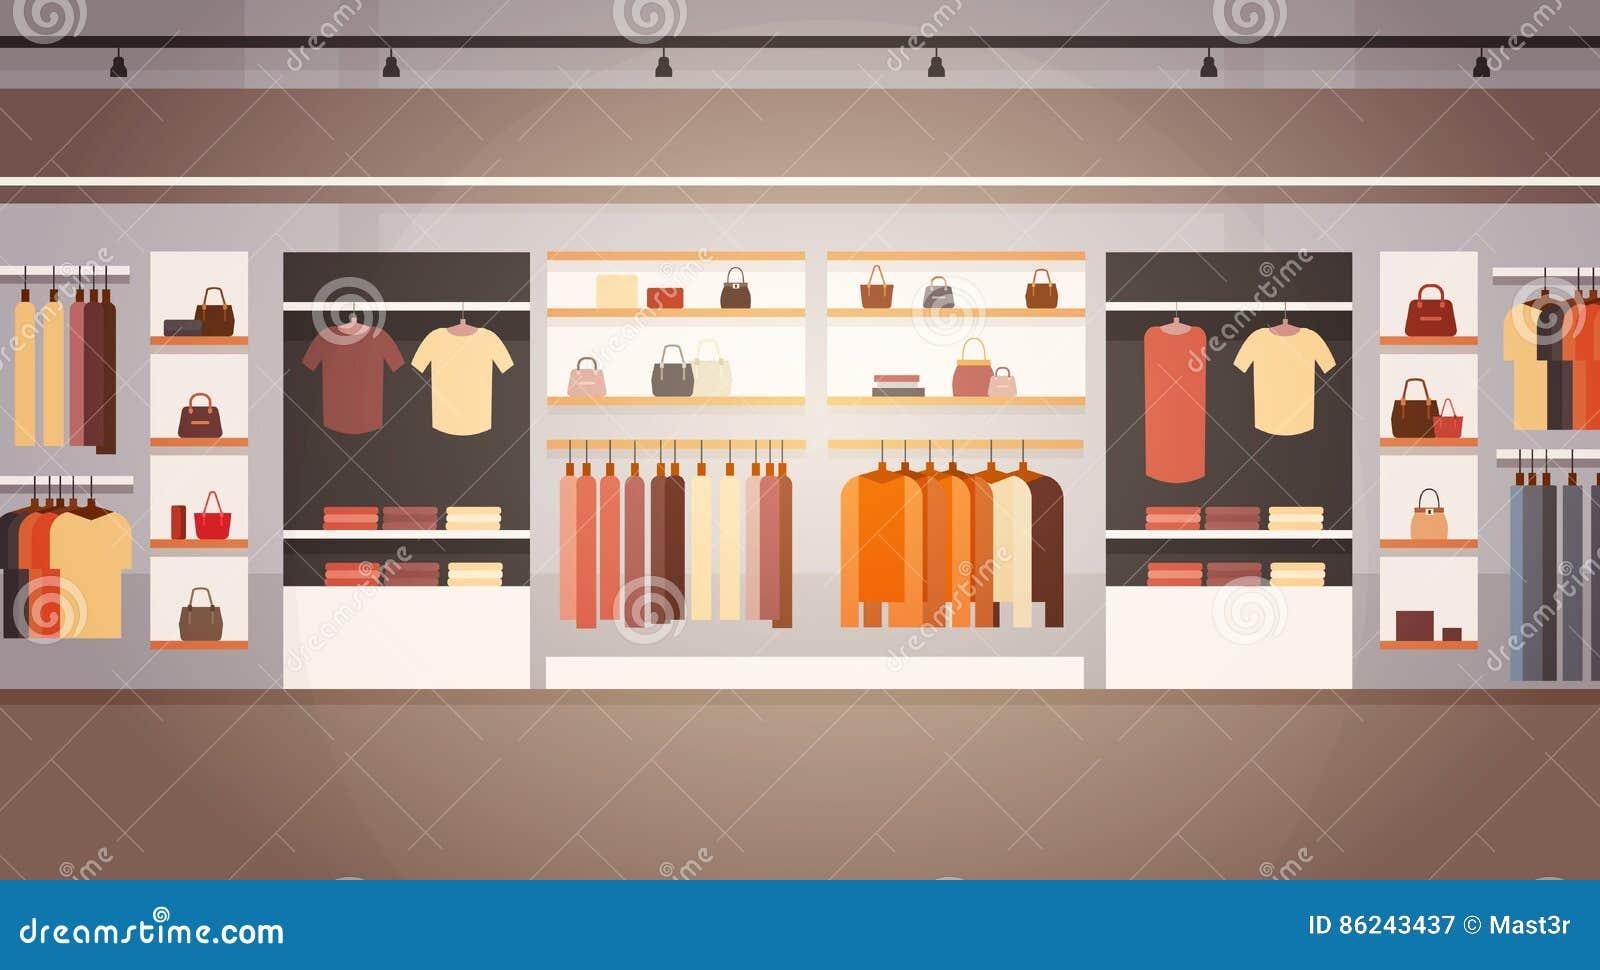 Oversized clothing stores